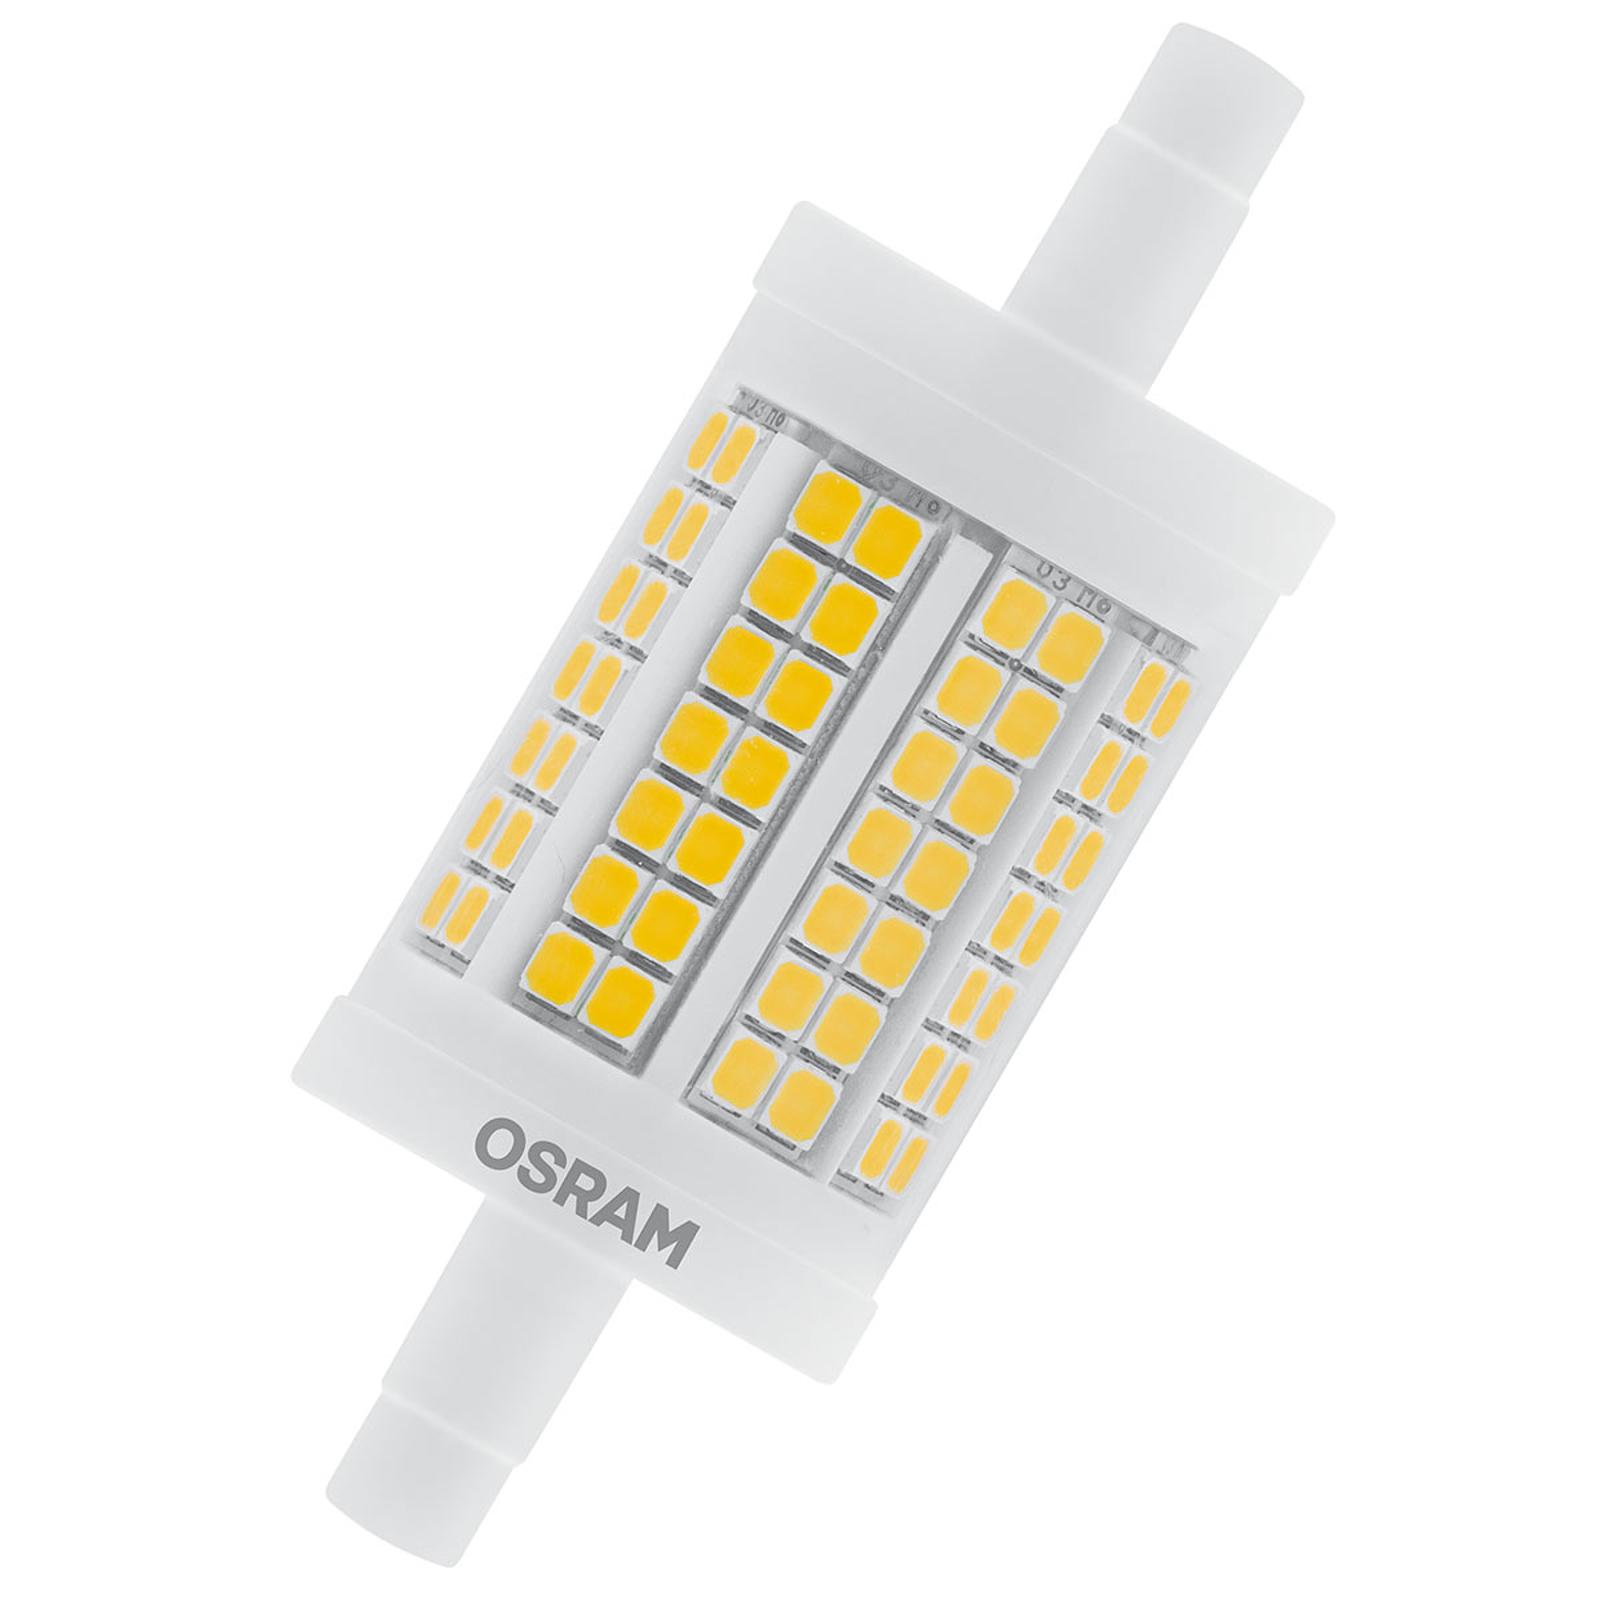 OSRAM żarówka prętowa LED R7s 11,5W, ciepła biel